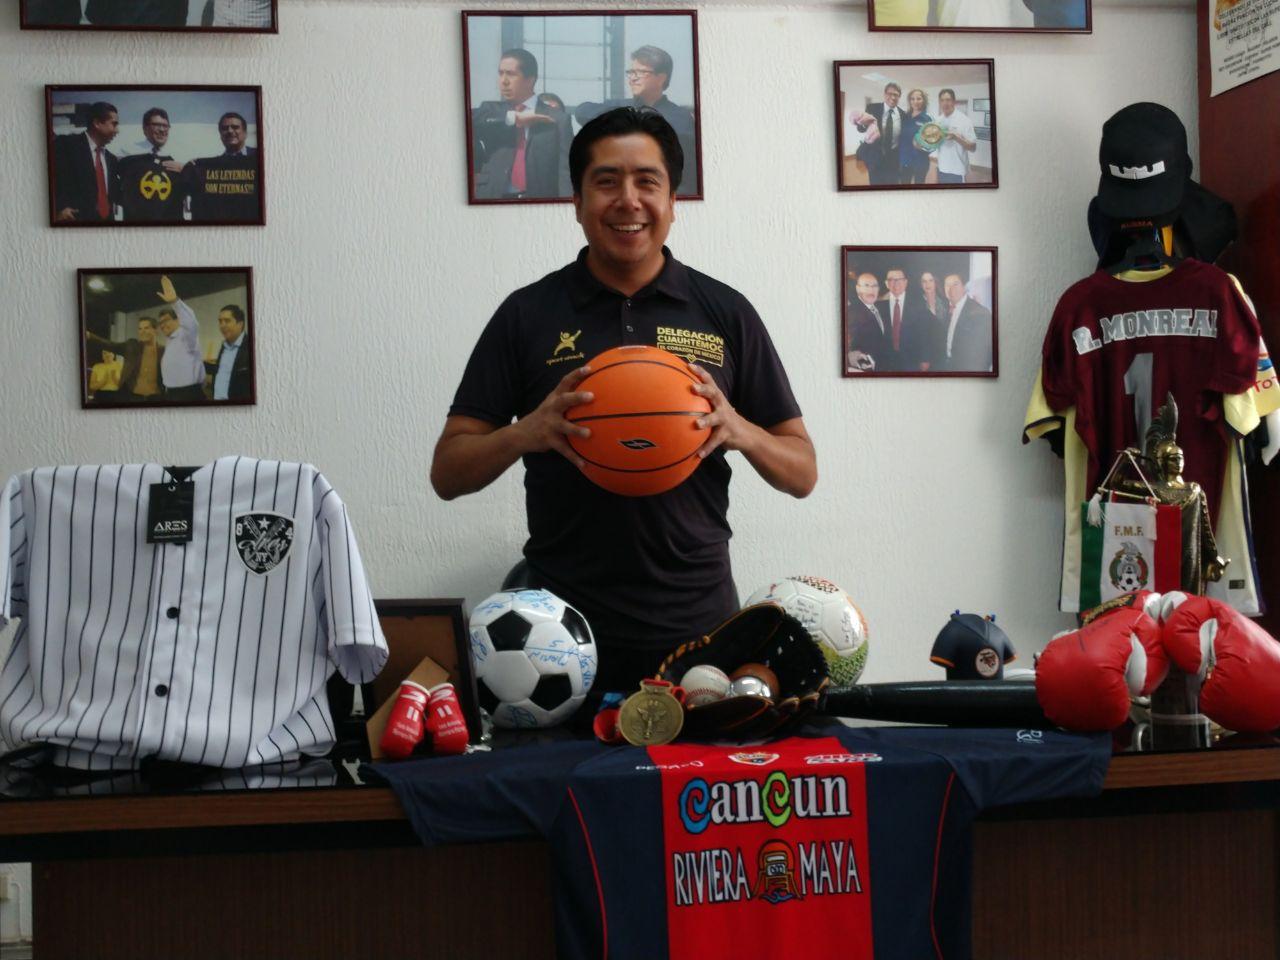 Lic. Héctor García Antonio subdirector de deporte  en la Delegación Cuauhtémoc 2